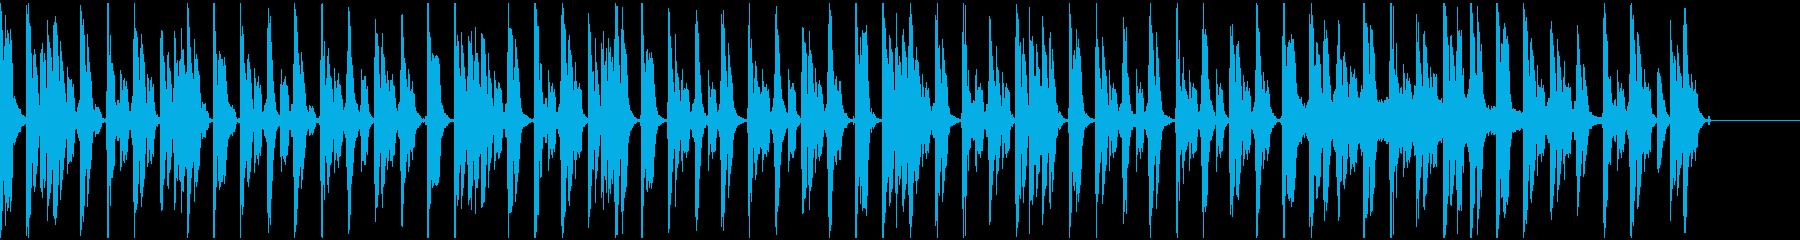 【エレクトロニカ】ロング5、ジングル1の再生済みの波形